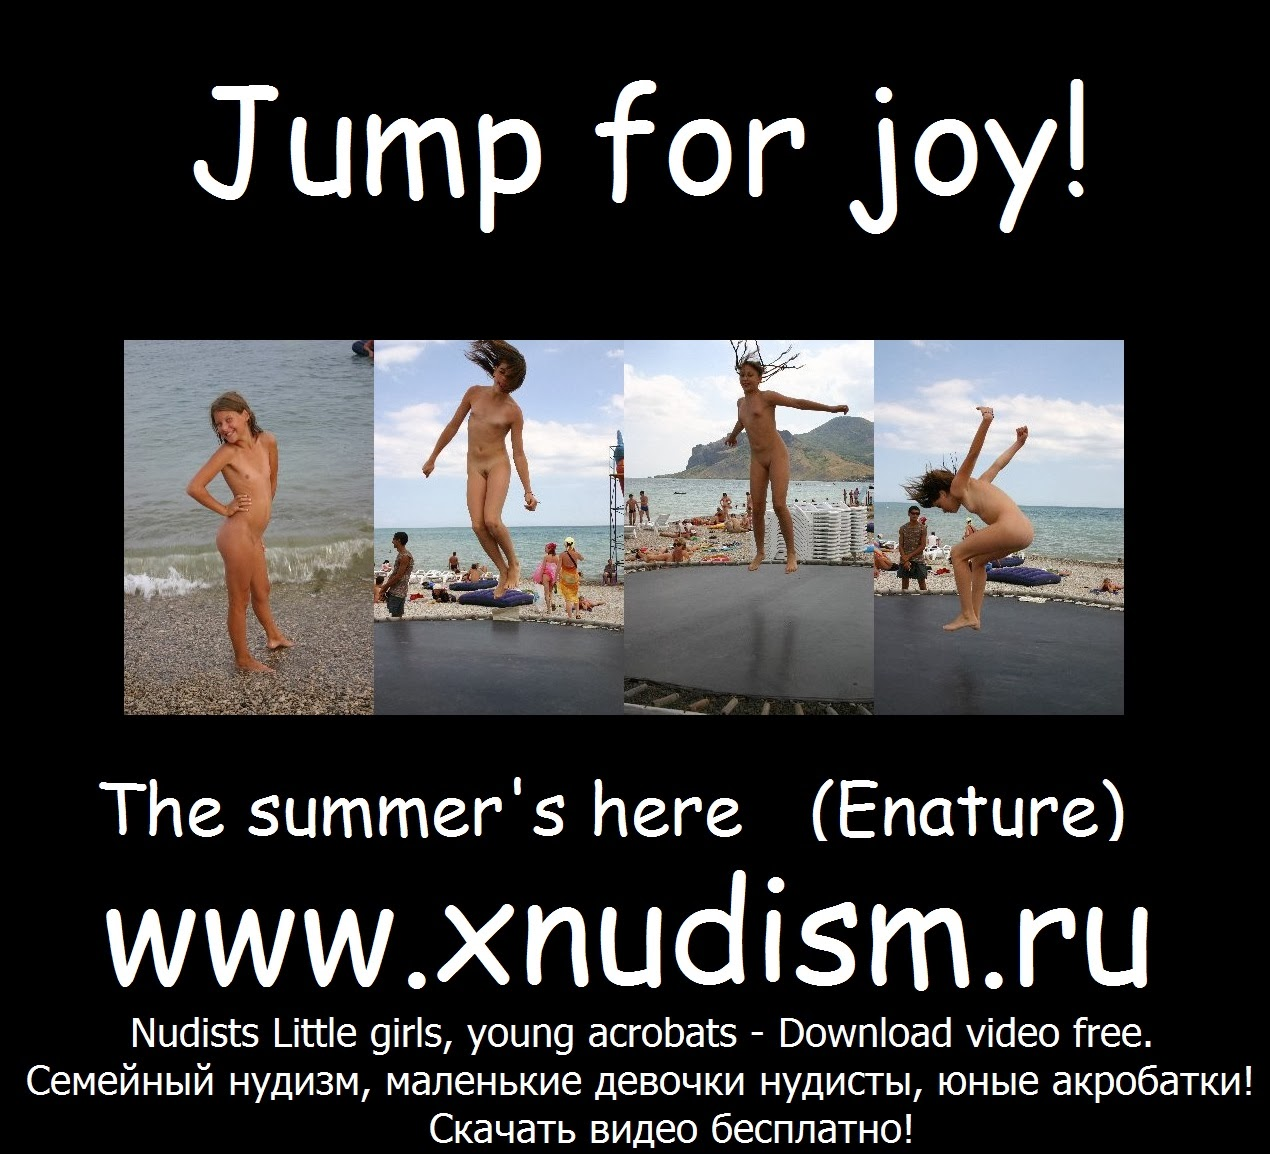 semejnyj nudizm, malenkie devochki nudisty, yunye akrobatki